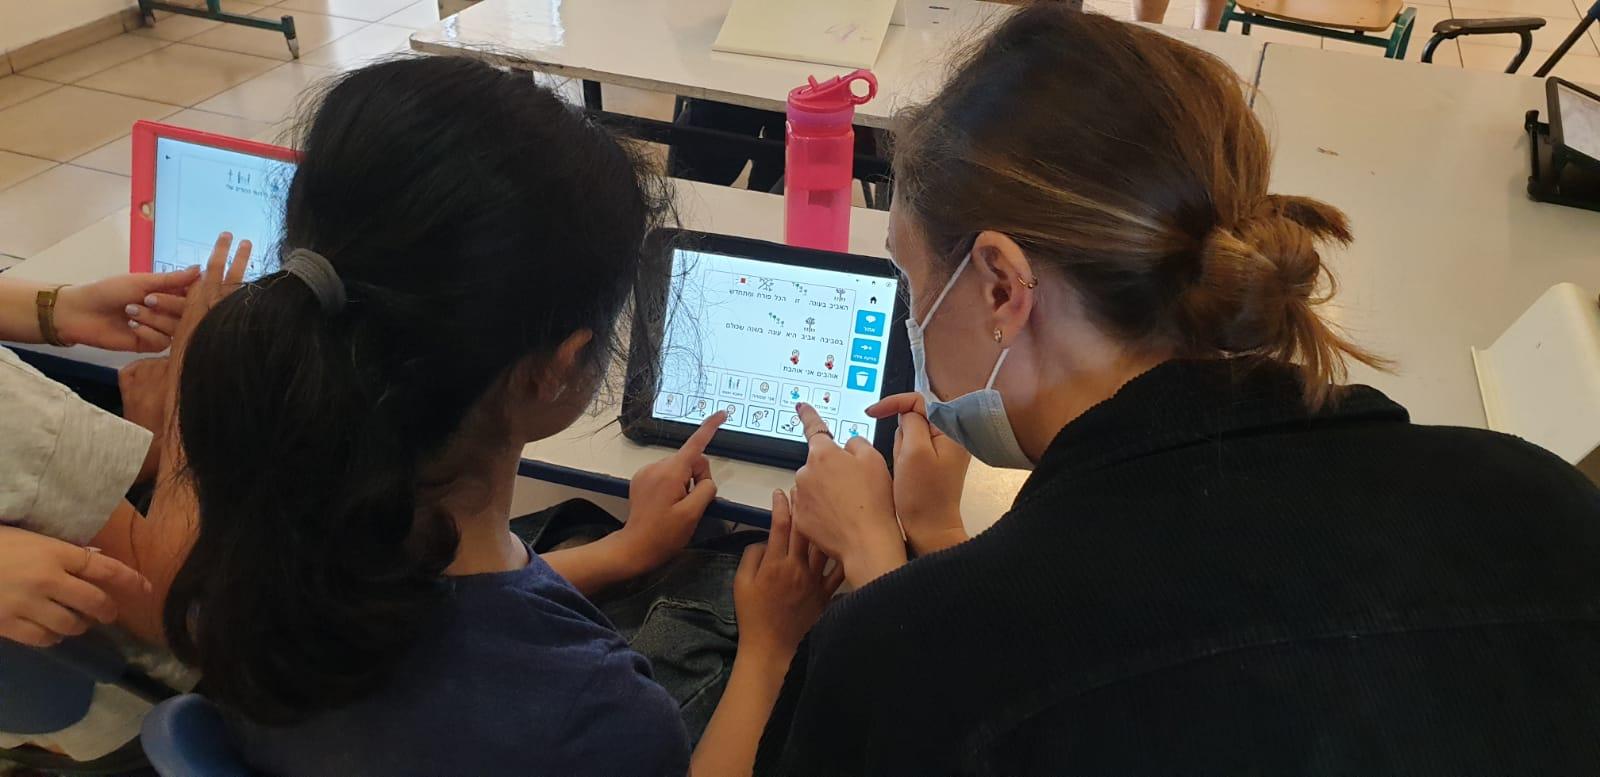 ילדה וסייעת עובדות עם תוכנת הגריד על משימה כיתתית